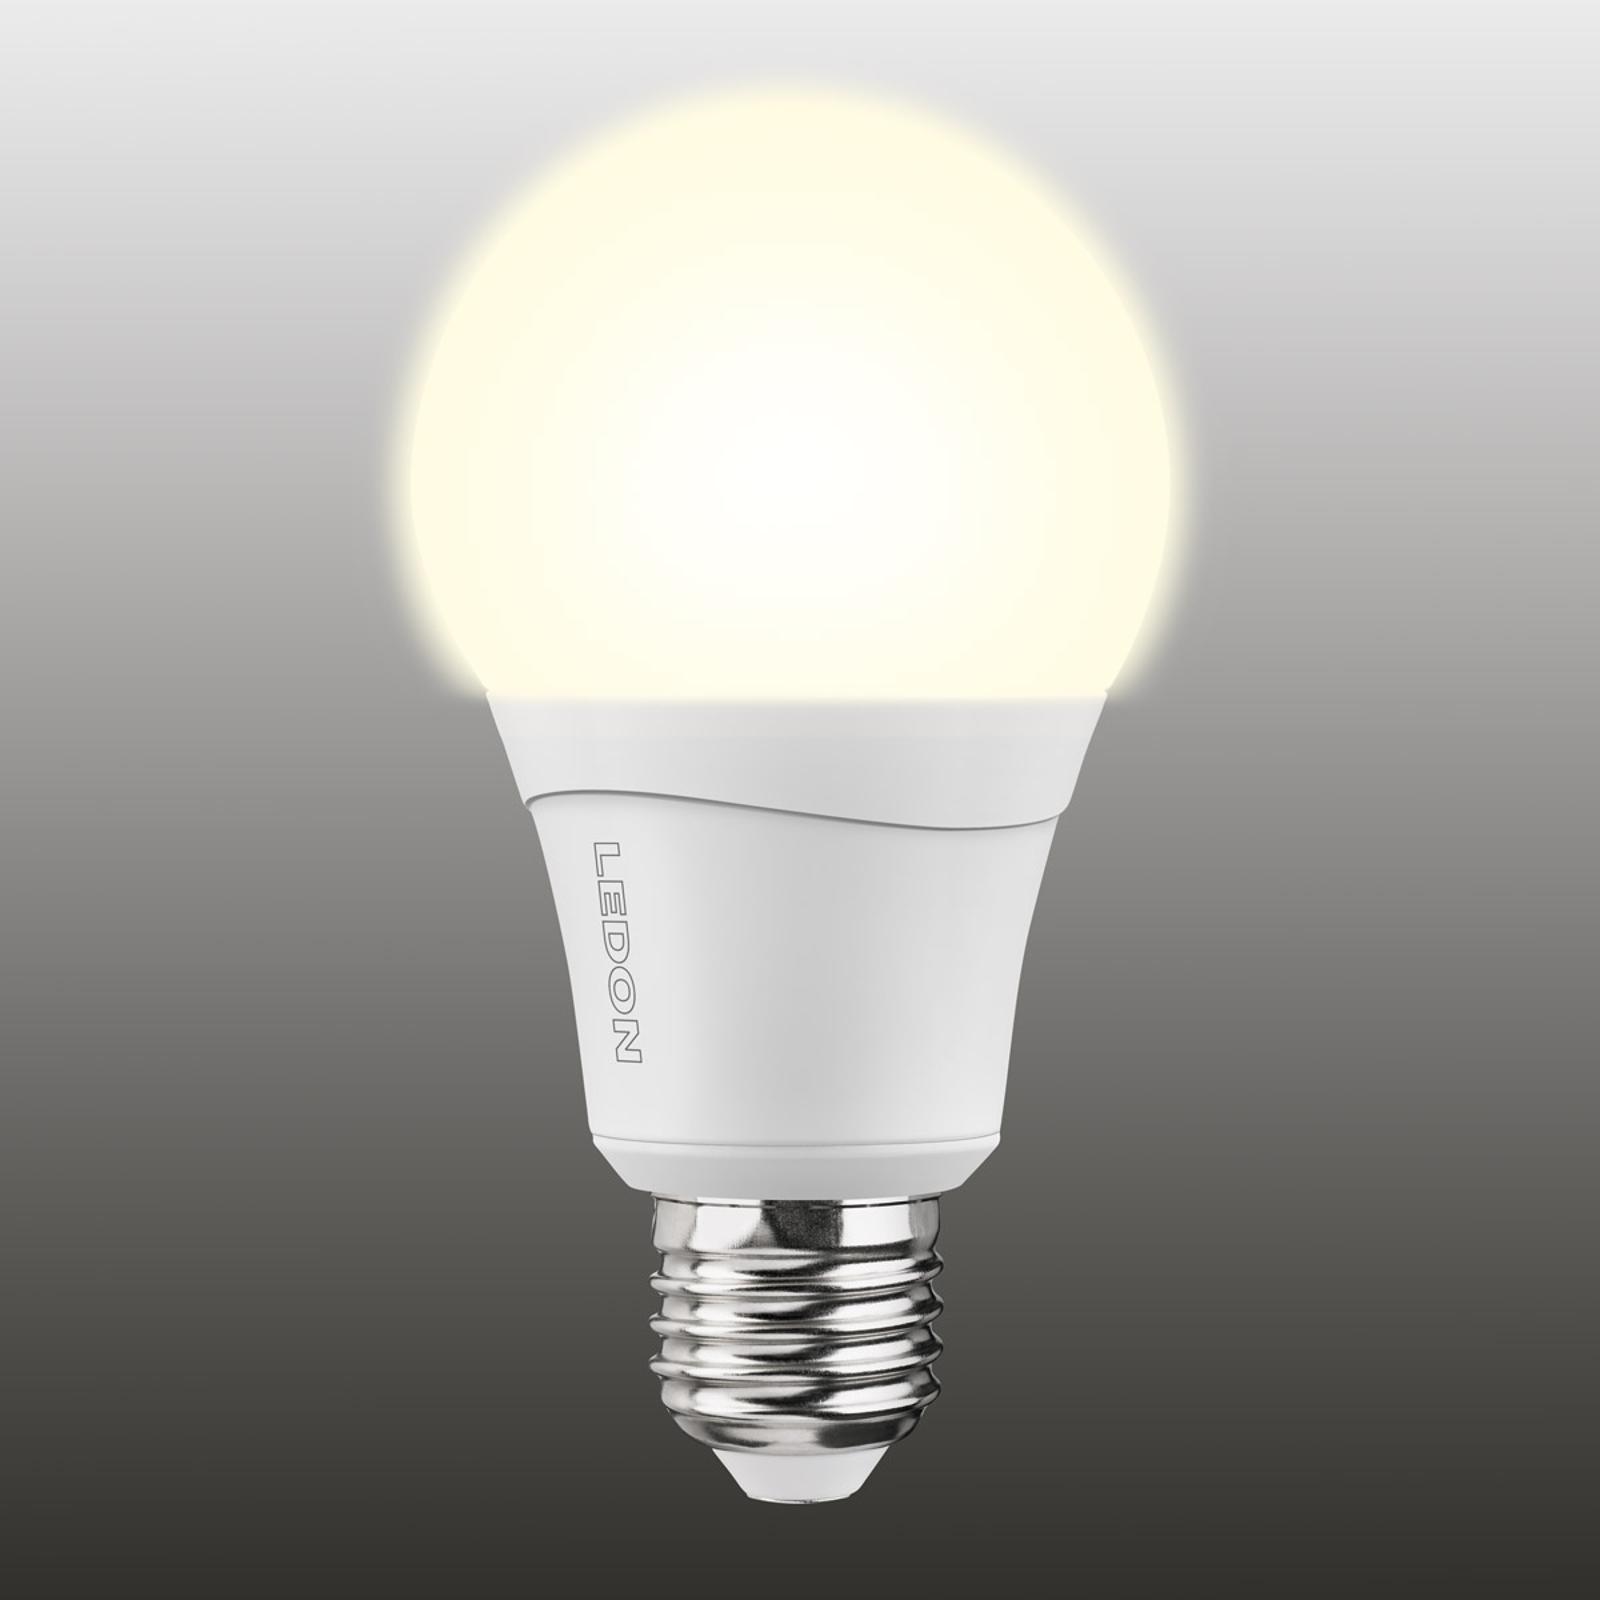 Ampoule LED E27 10W dual color (820/827)